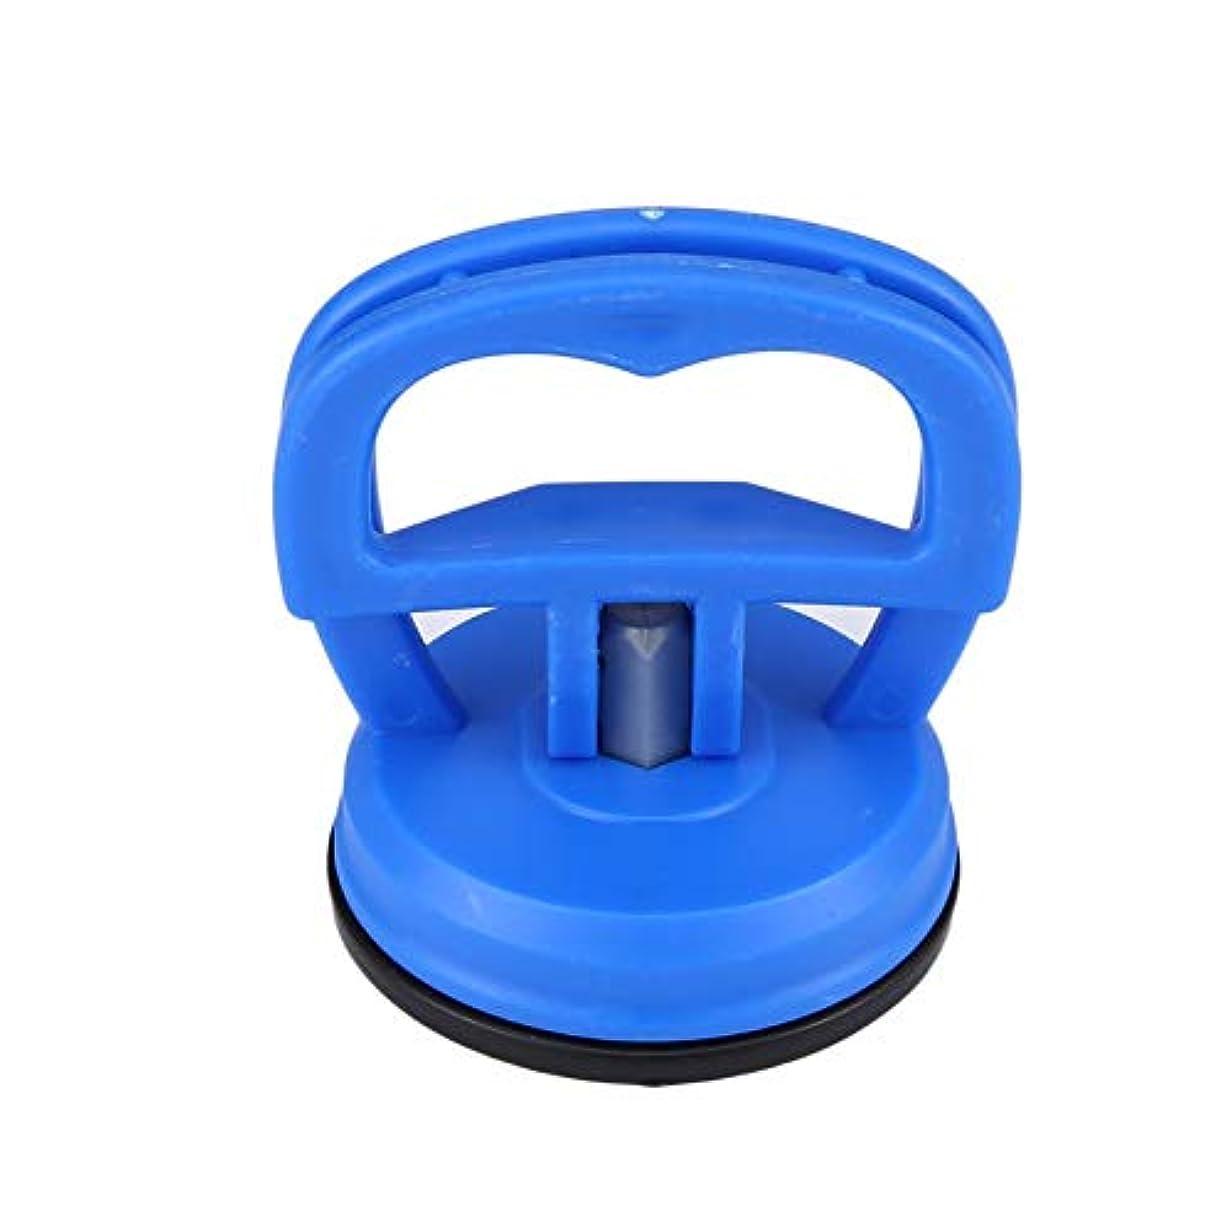 ベーシックアクセント純度携帯電話の液晶画面ガラスの分解ヘビーデューティ吸引カップ吸盤プラーハンドオープニング修理ツール